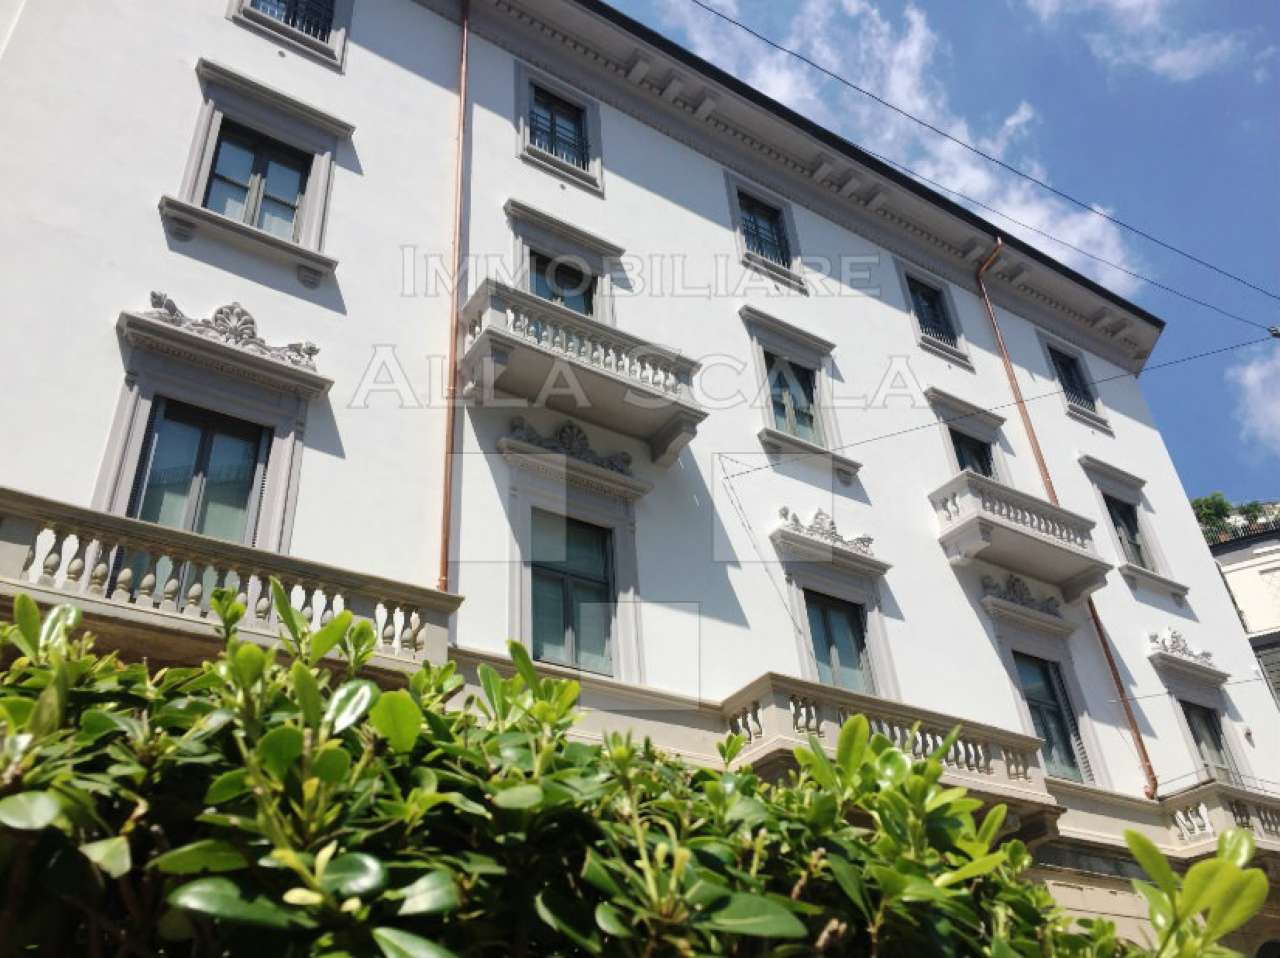 Appartamento in Vendita a Milano: 5 locali, 200 mq - Foto 1